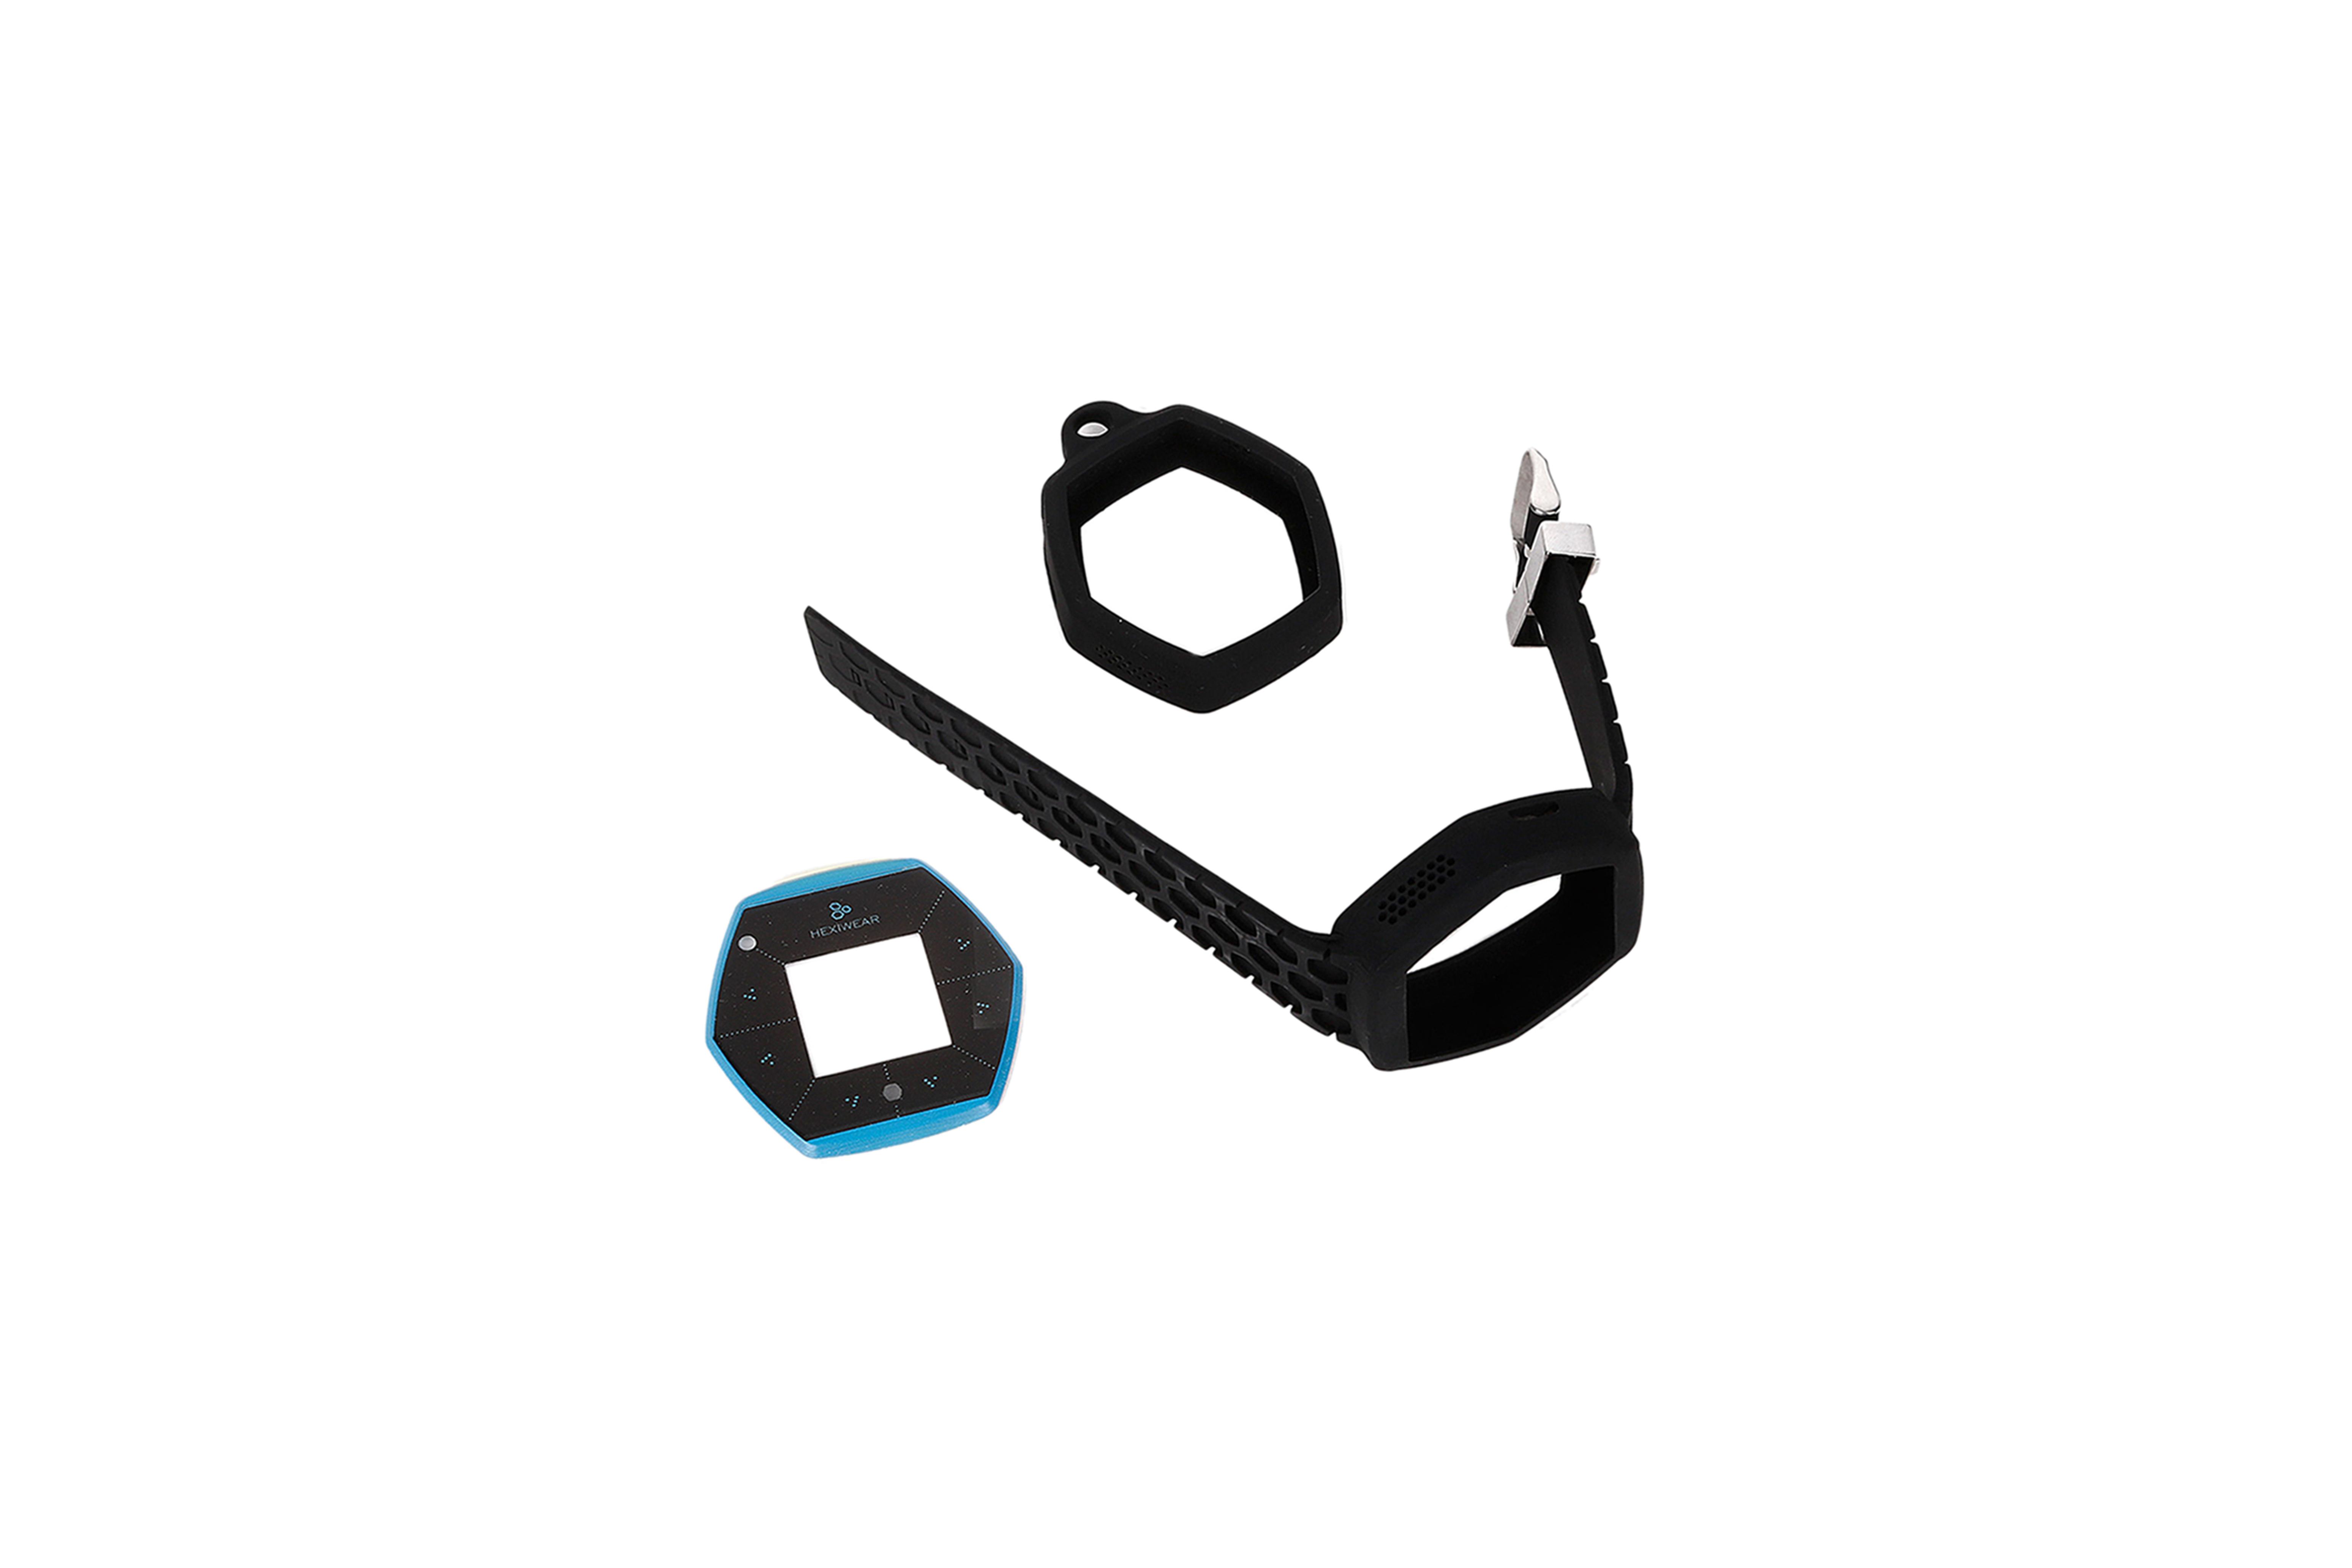 Hexiwear IoT Dev Kit Accessory Pack - Black